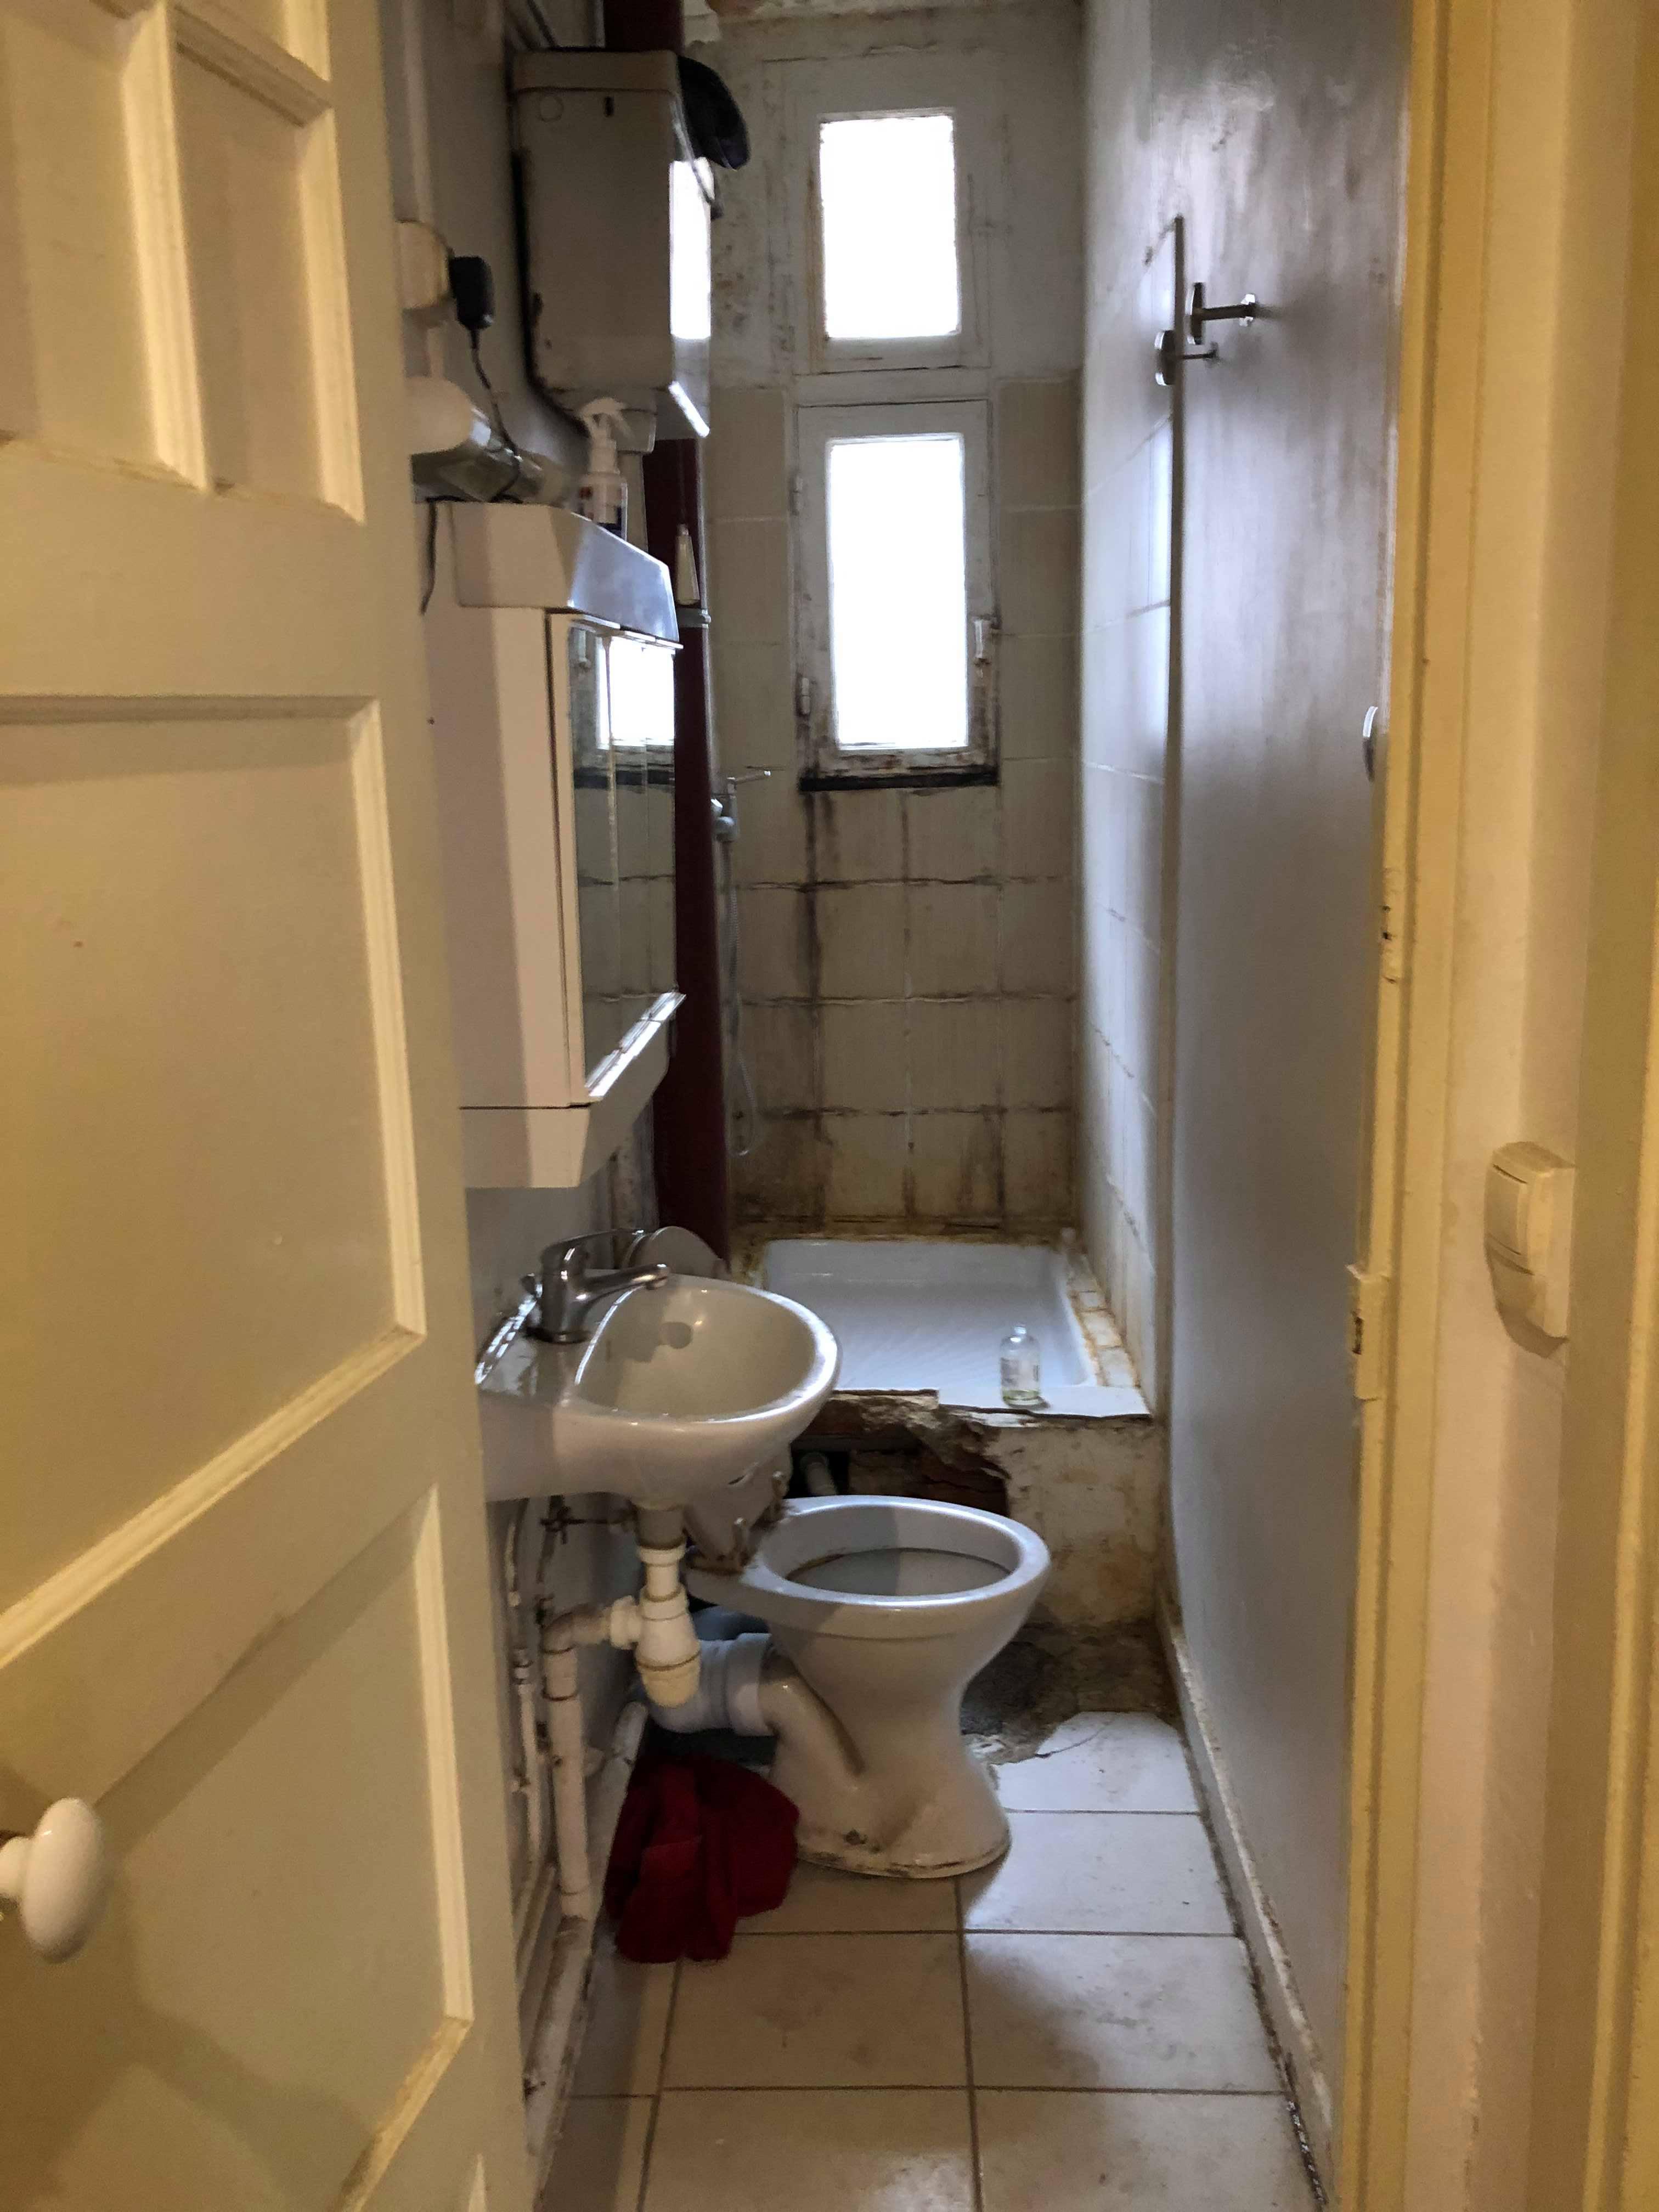 entreprise-generale-texas-batiment-mohamed-soliman-rge-travaux-renovation-salle-de-bain-carrelage-plomberie-douche-a-l-italienne-espace-moderne-sobre-3